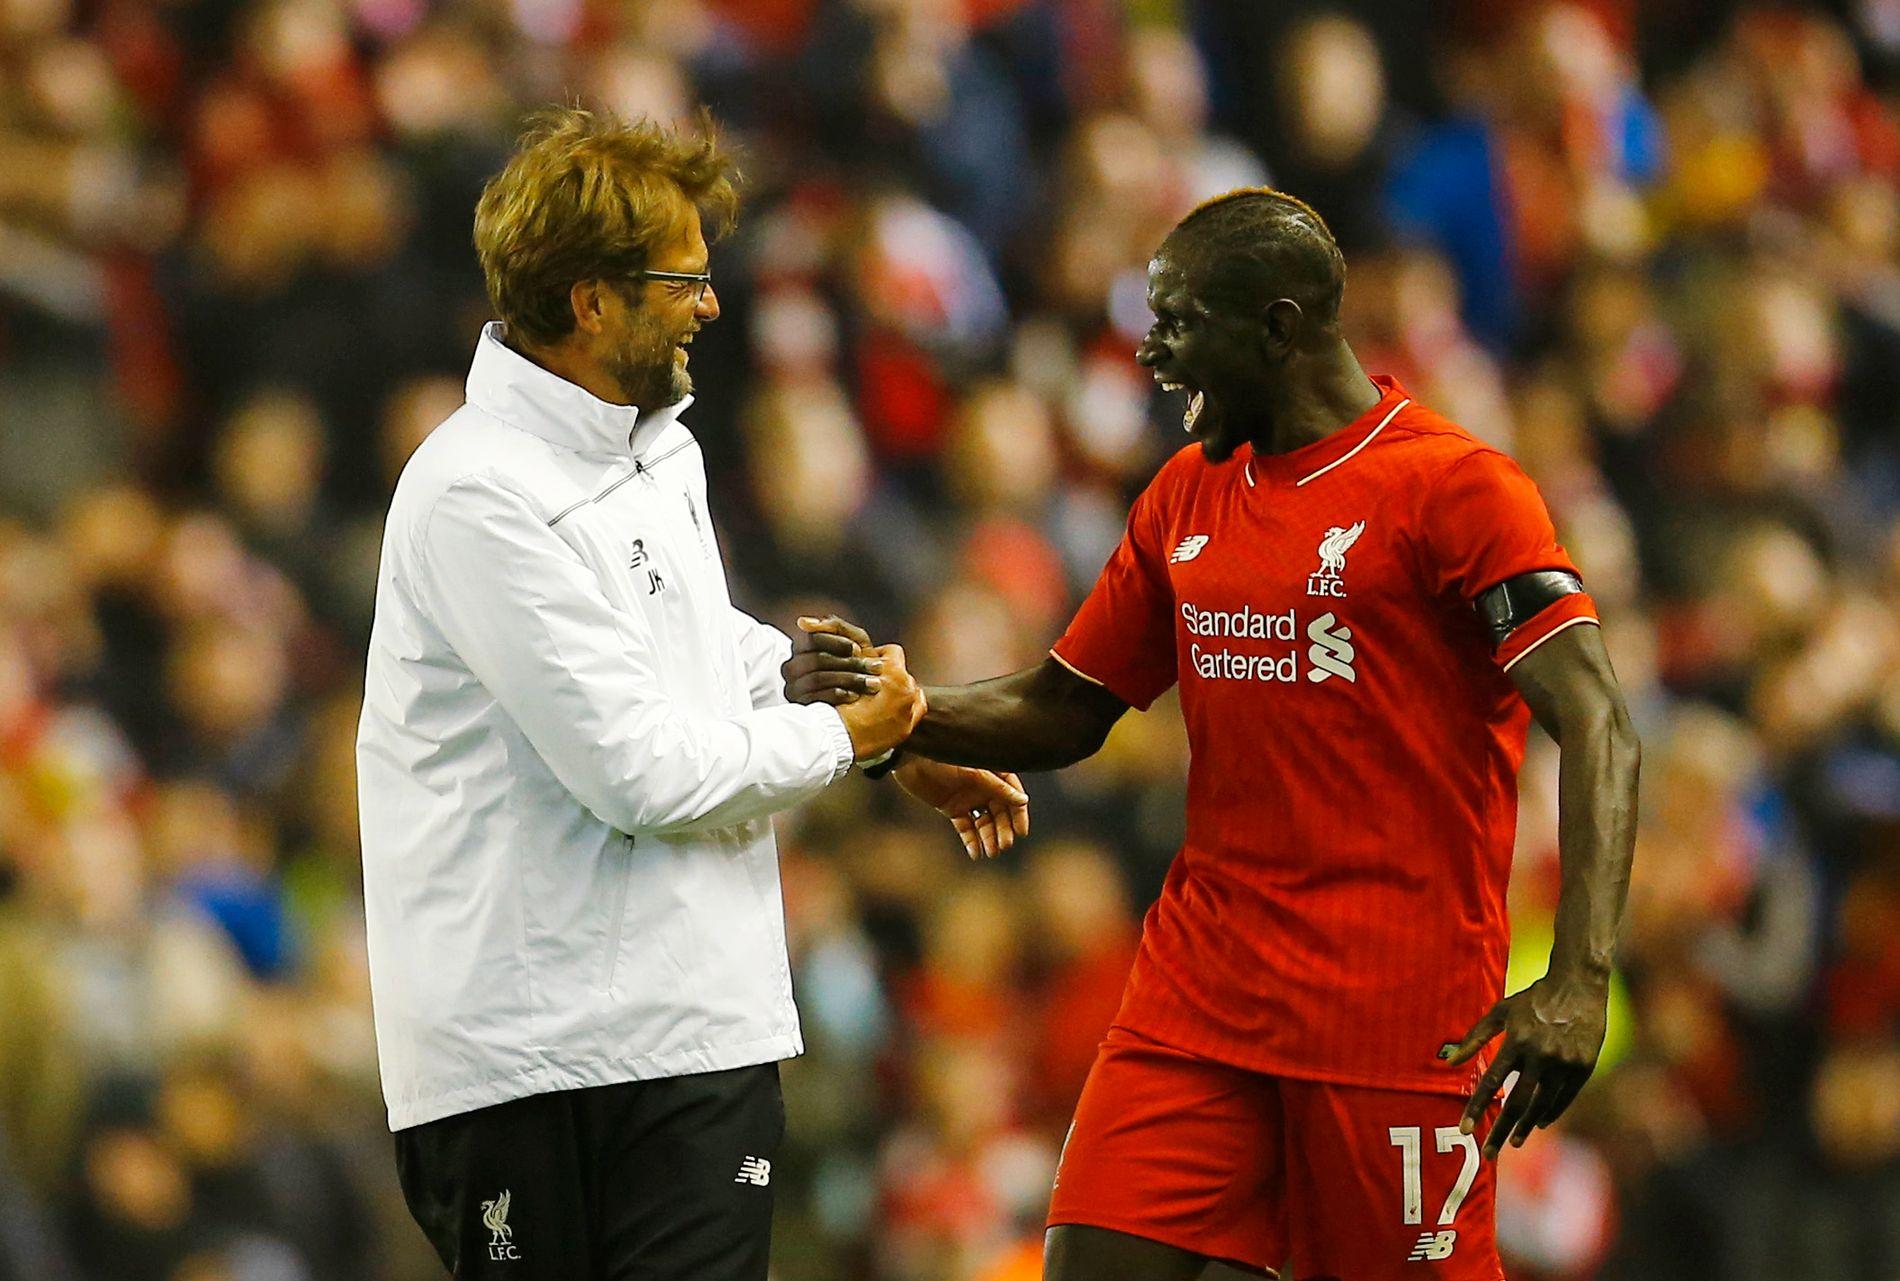 UTESTENGT: Liverpool-stopper Mamadou Sakho, som her feirer med trener Jürgen Klopp, har testet positivt for et fettforbrennende stoff.